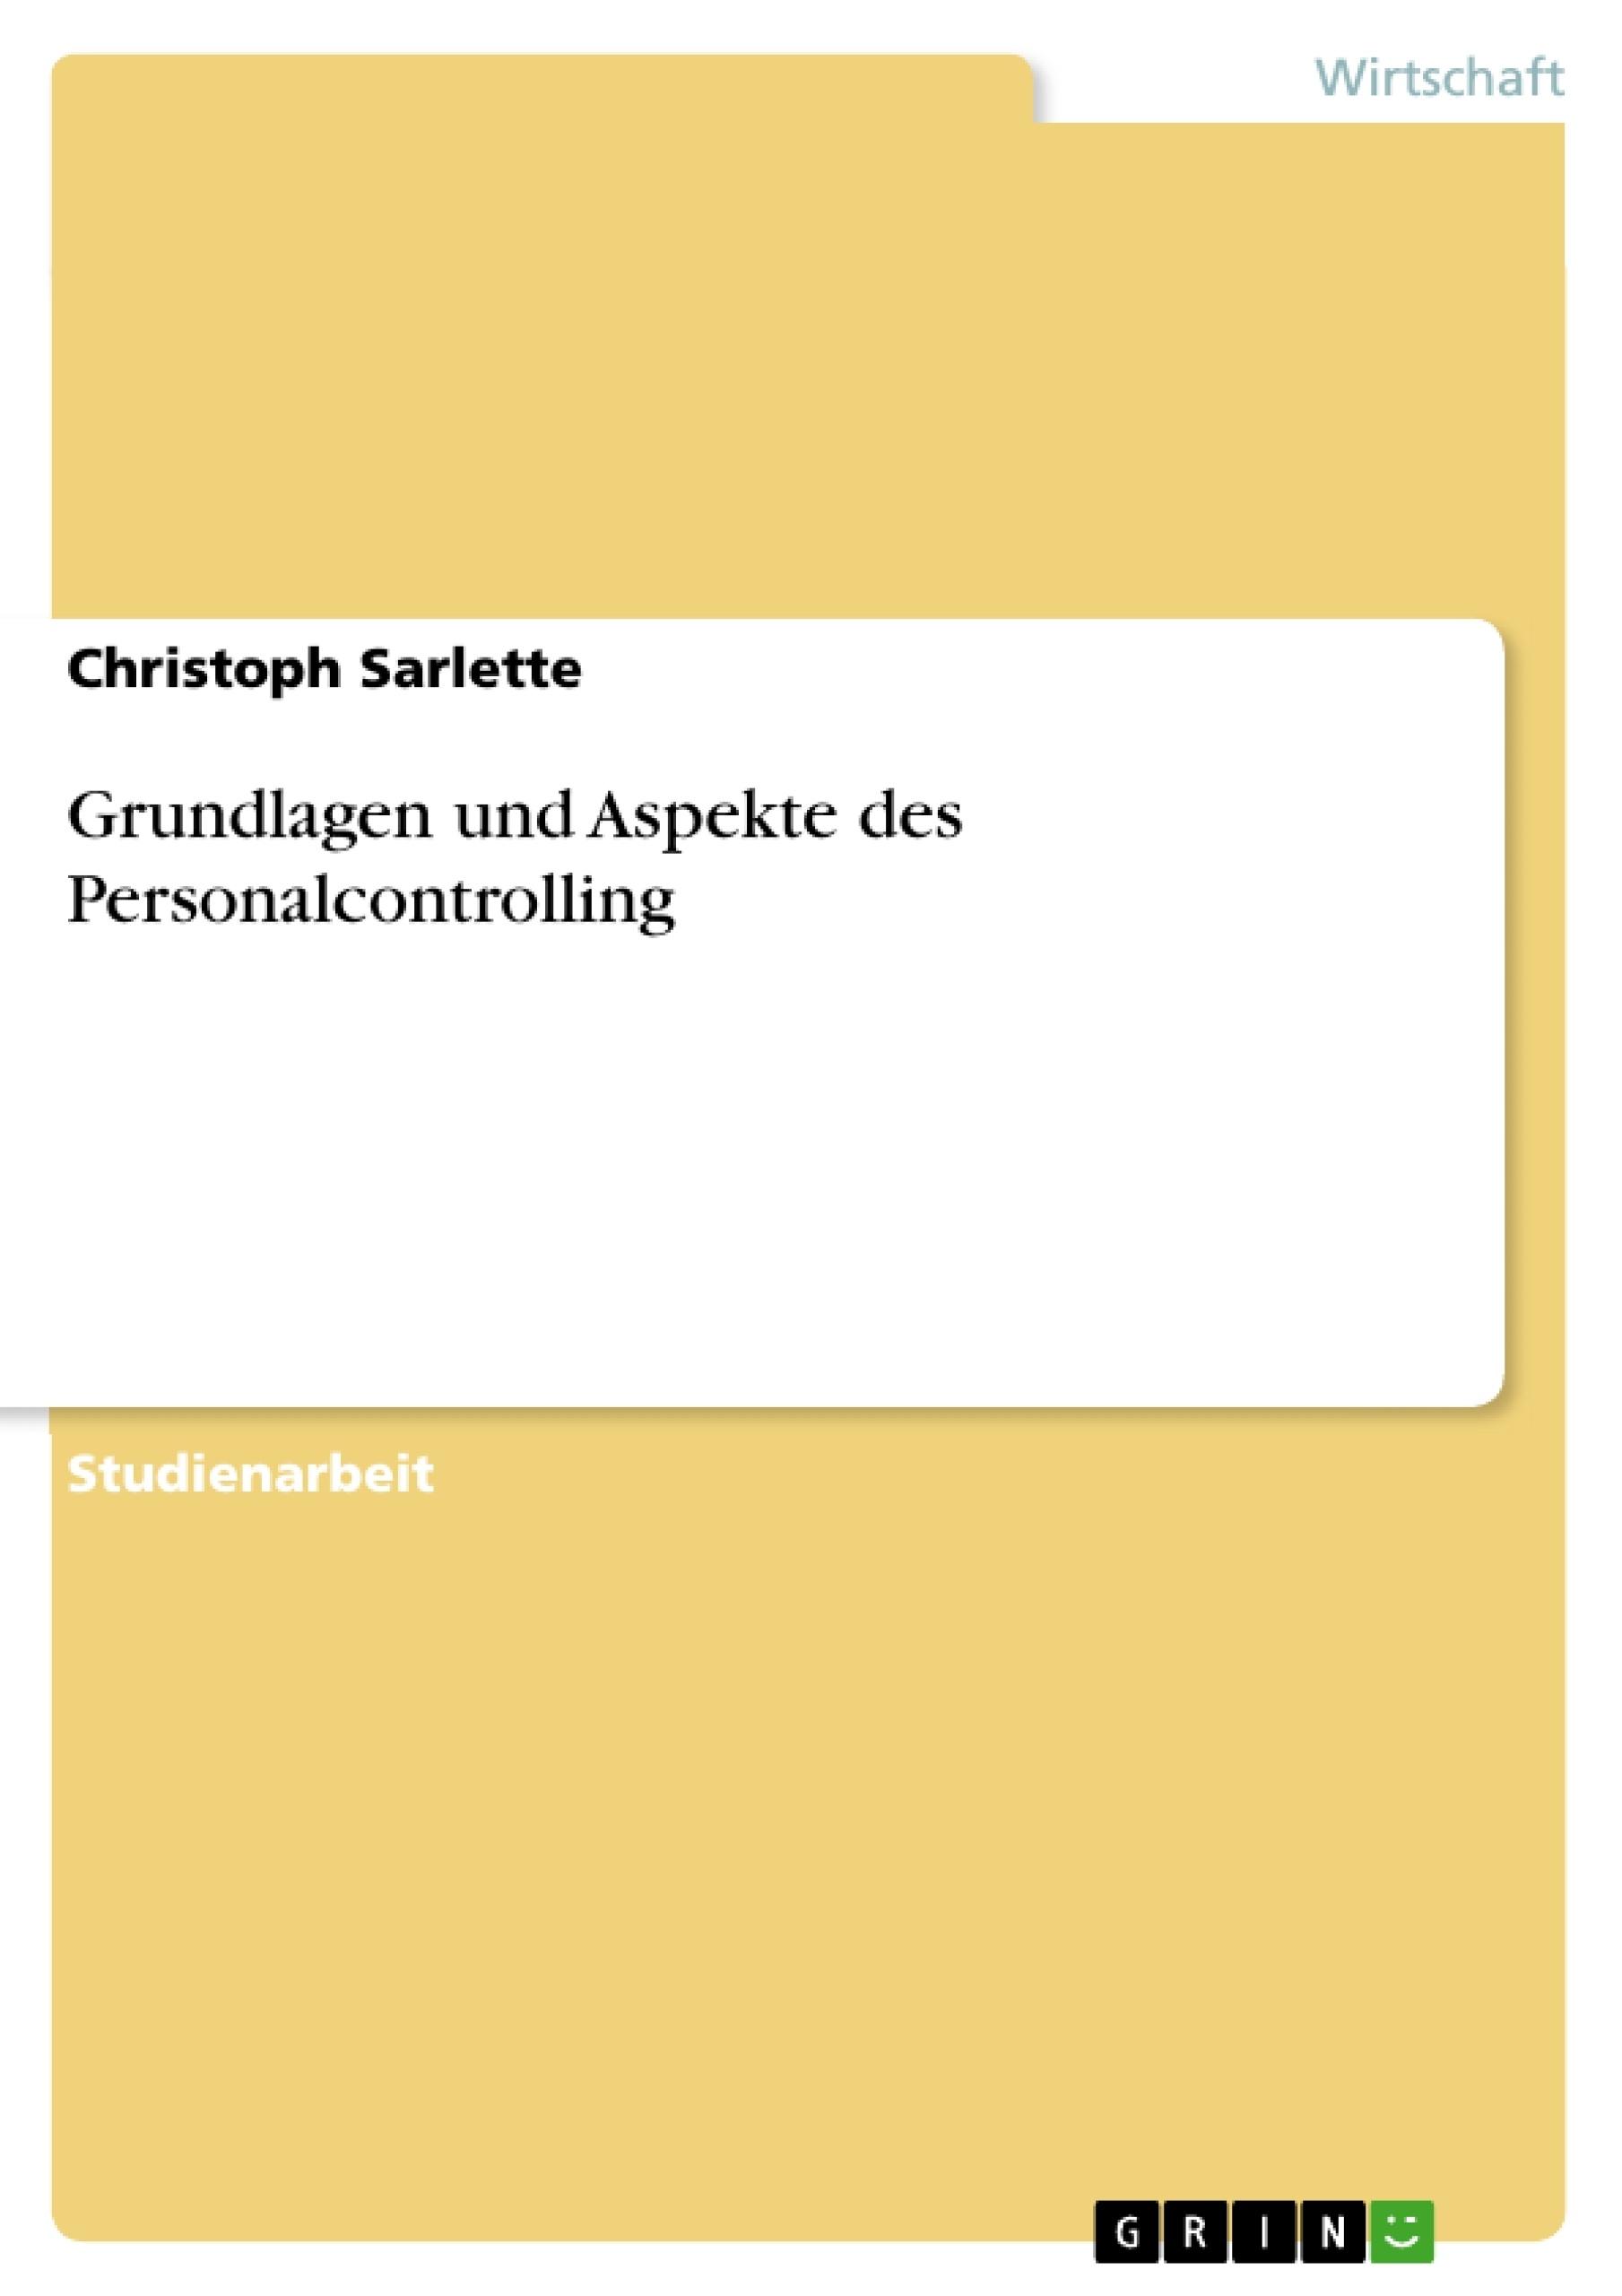 Titel: Grundlagen und Aspekte des Personalcontrolling